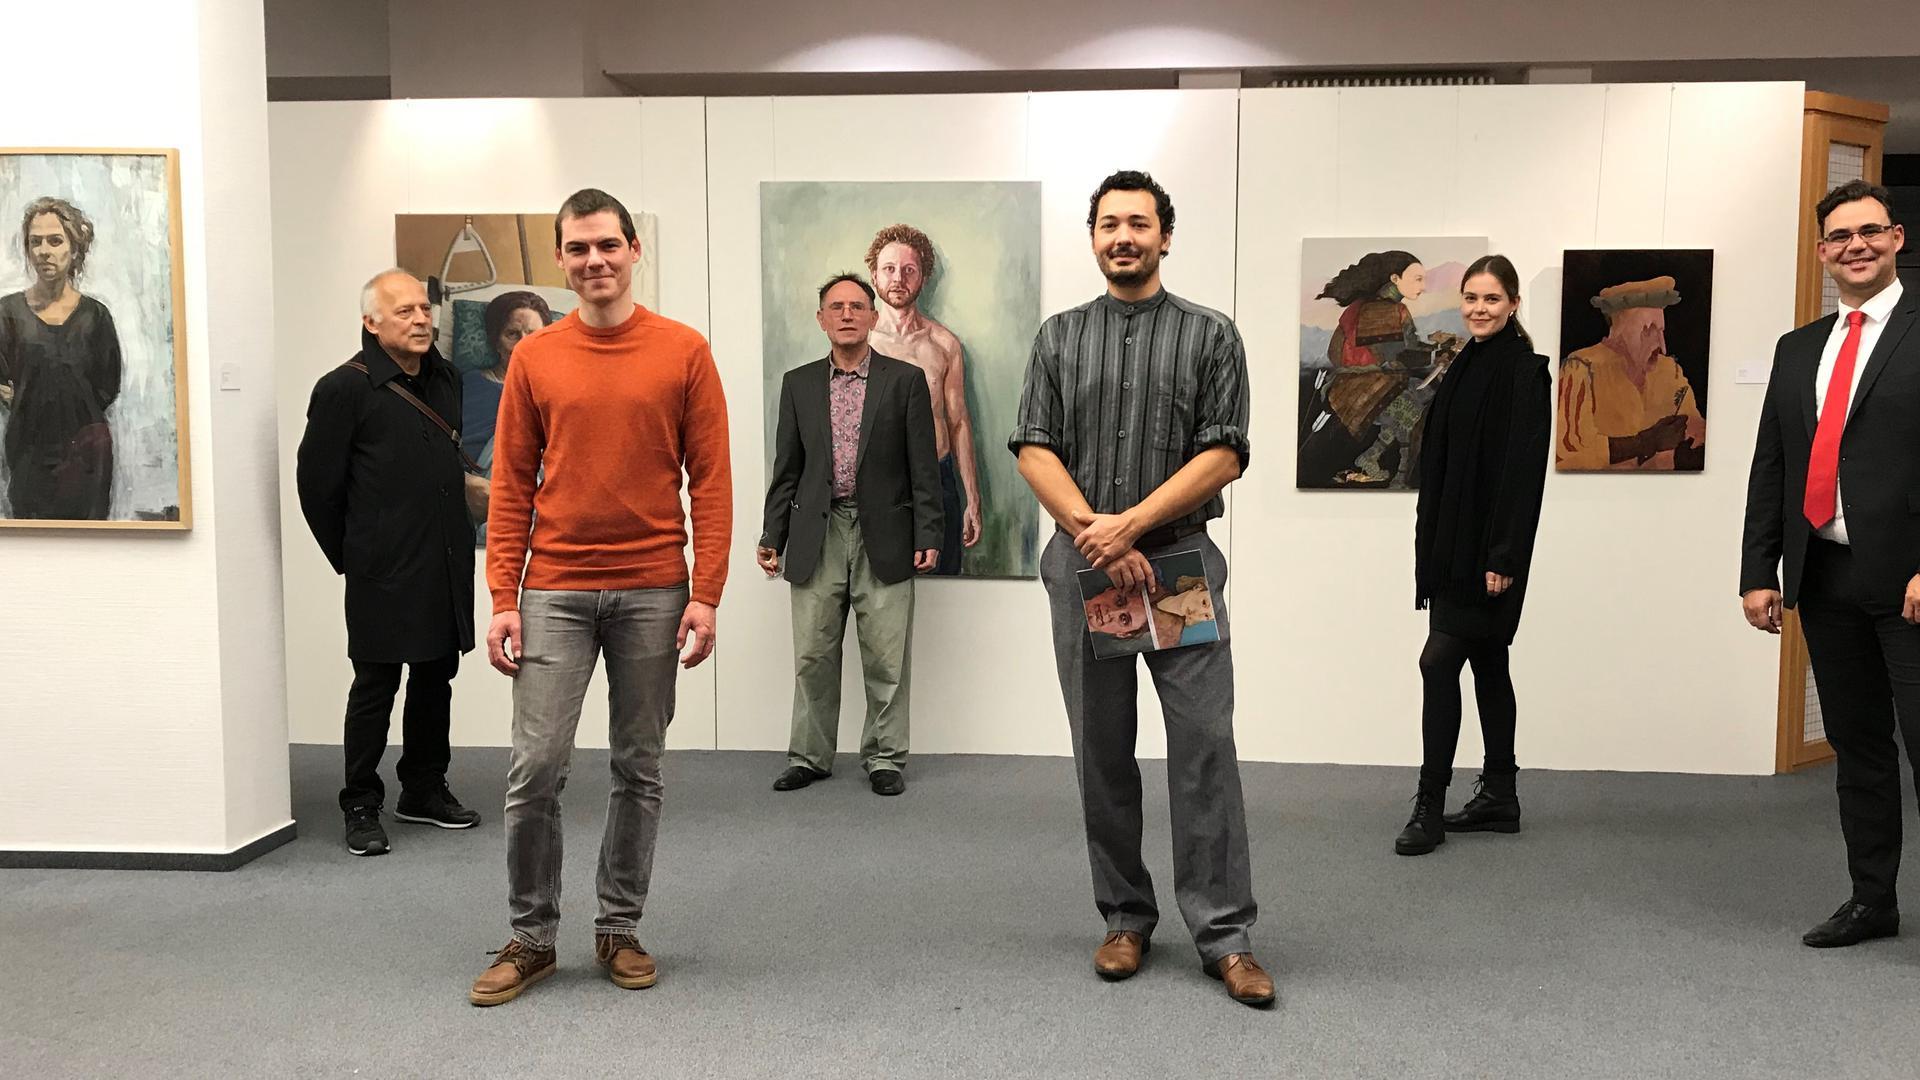 Das Bild zeigt die beiden jungen Künstler  Johannes Gräbner (vorne links) und Felix Seelos (vorne rechts) vor den Organisatoren der Ausstellung und vor einigem ihrer Werke.